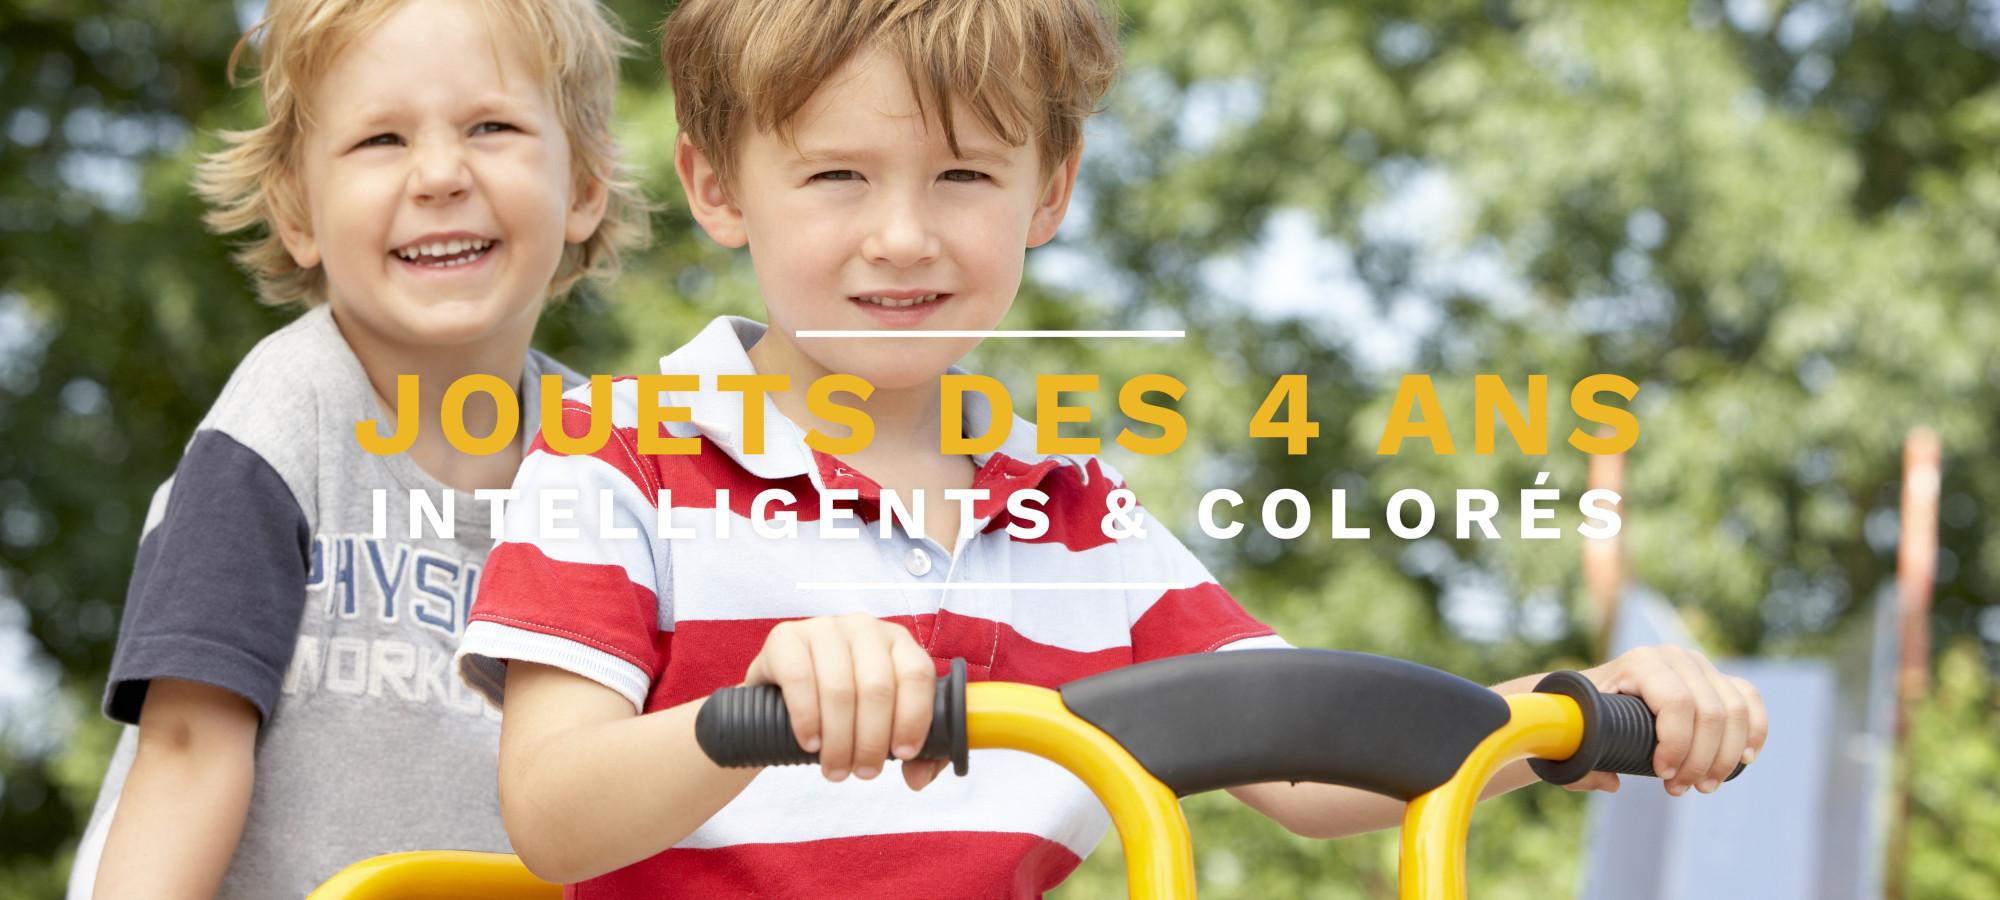 jouets en bois d'inspiration montessori pour enfant de 4 ans - Site FR - Livraison rapide